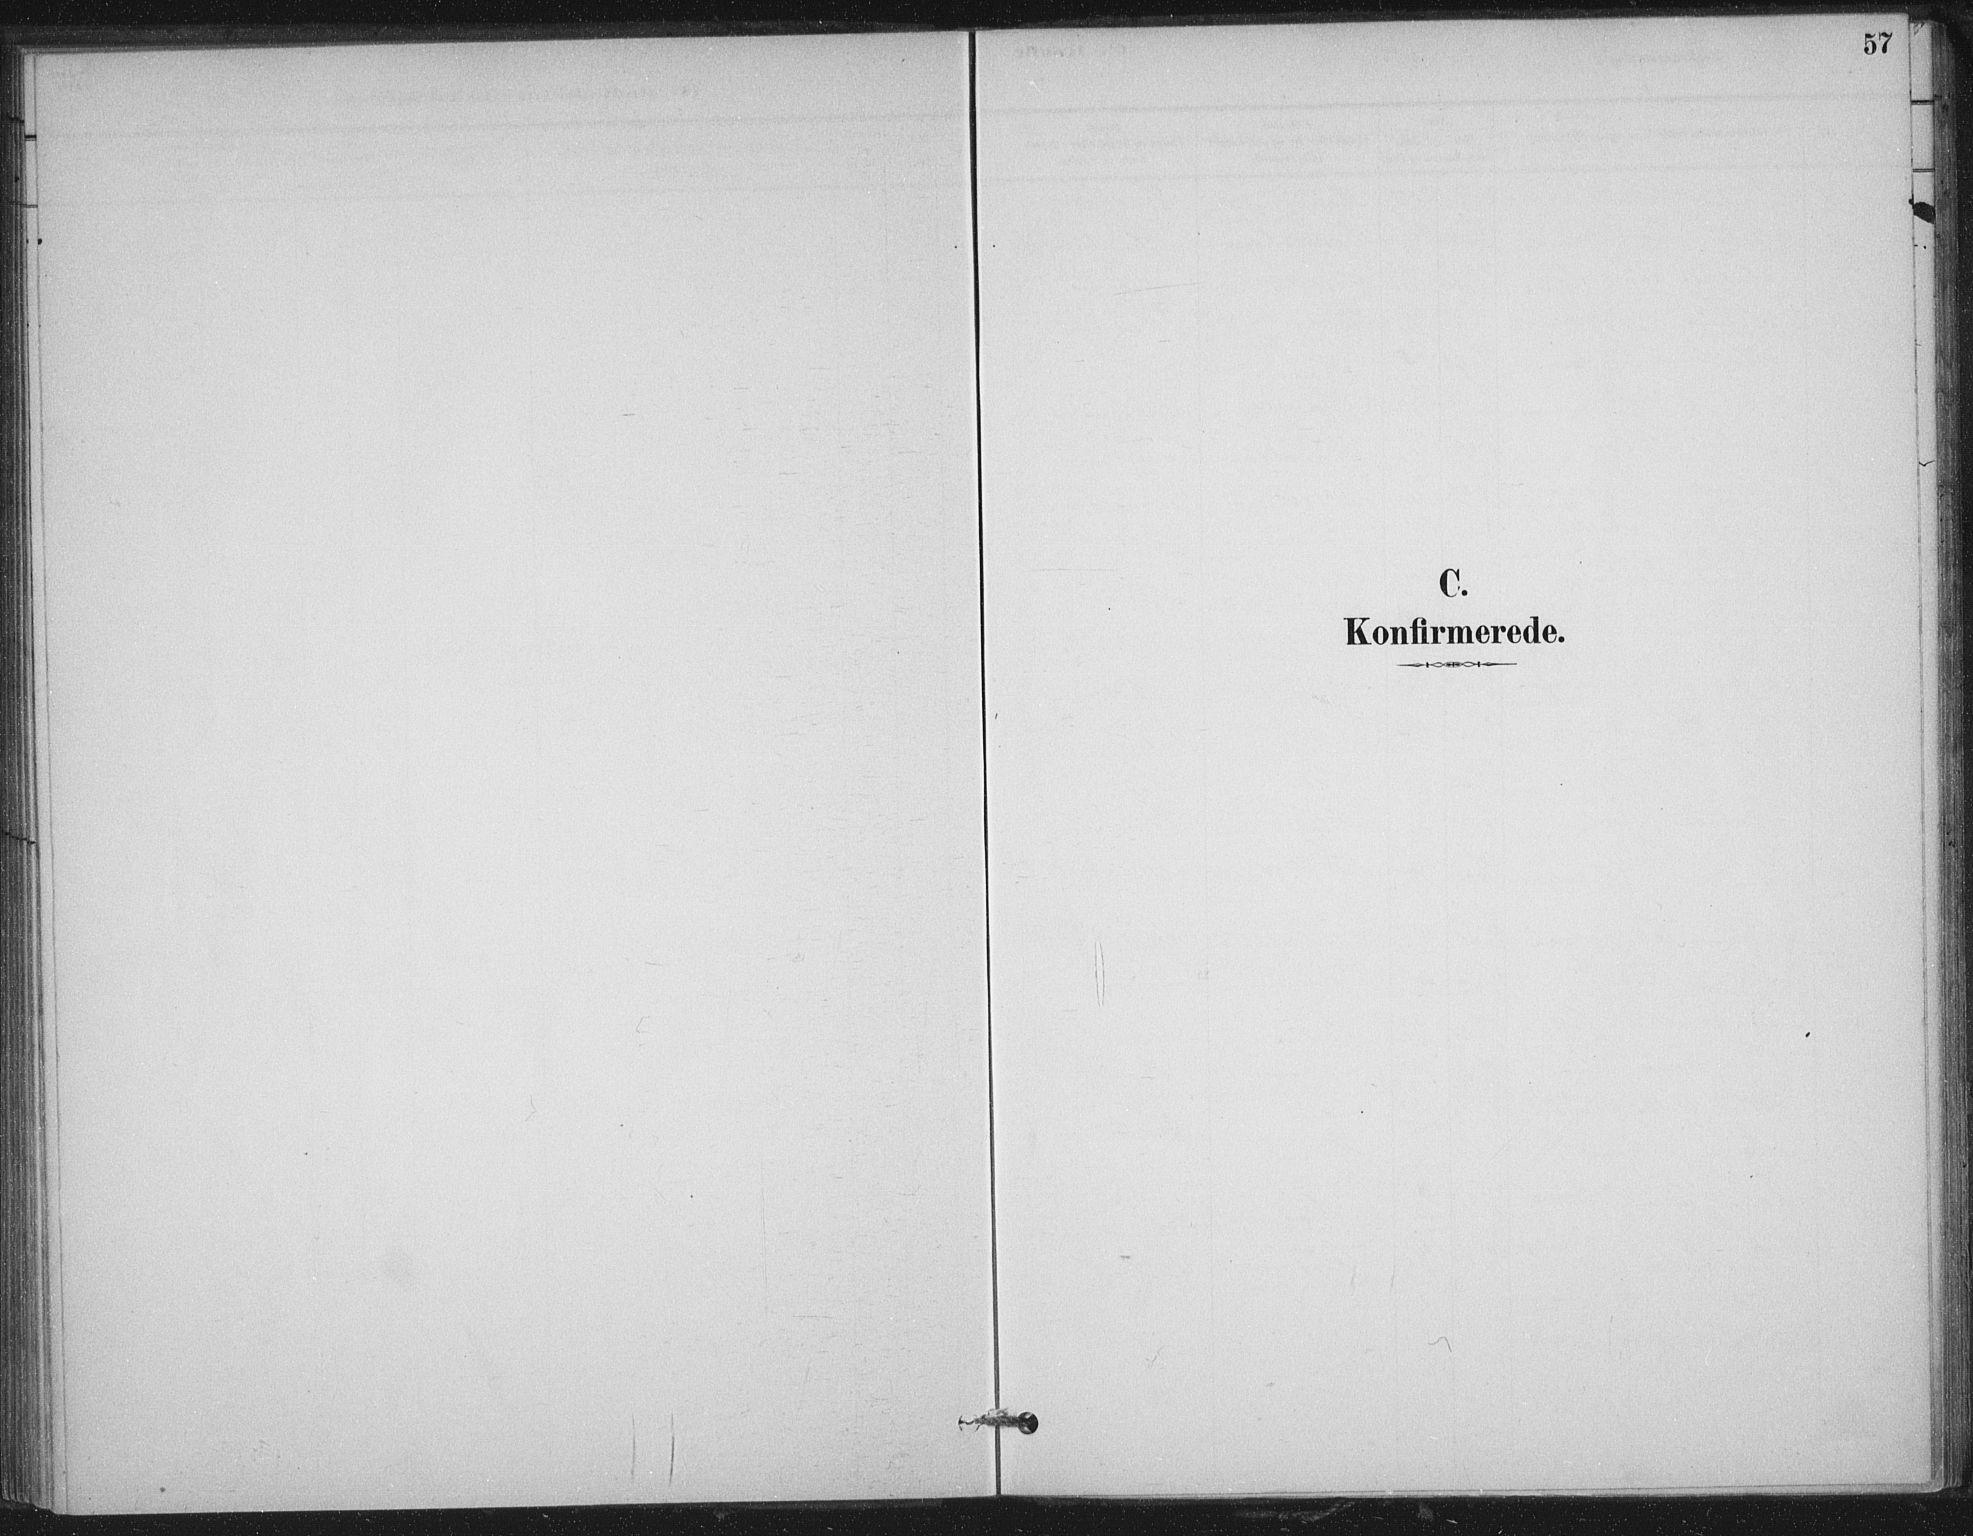 SAT, Ministerialprotokoller, klokkerbøker og fødselsregistre - Nord-Trøndelag, 702/L0023: Parish register (official) no. 702A01, 1883-1897, p. 57